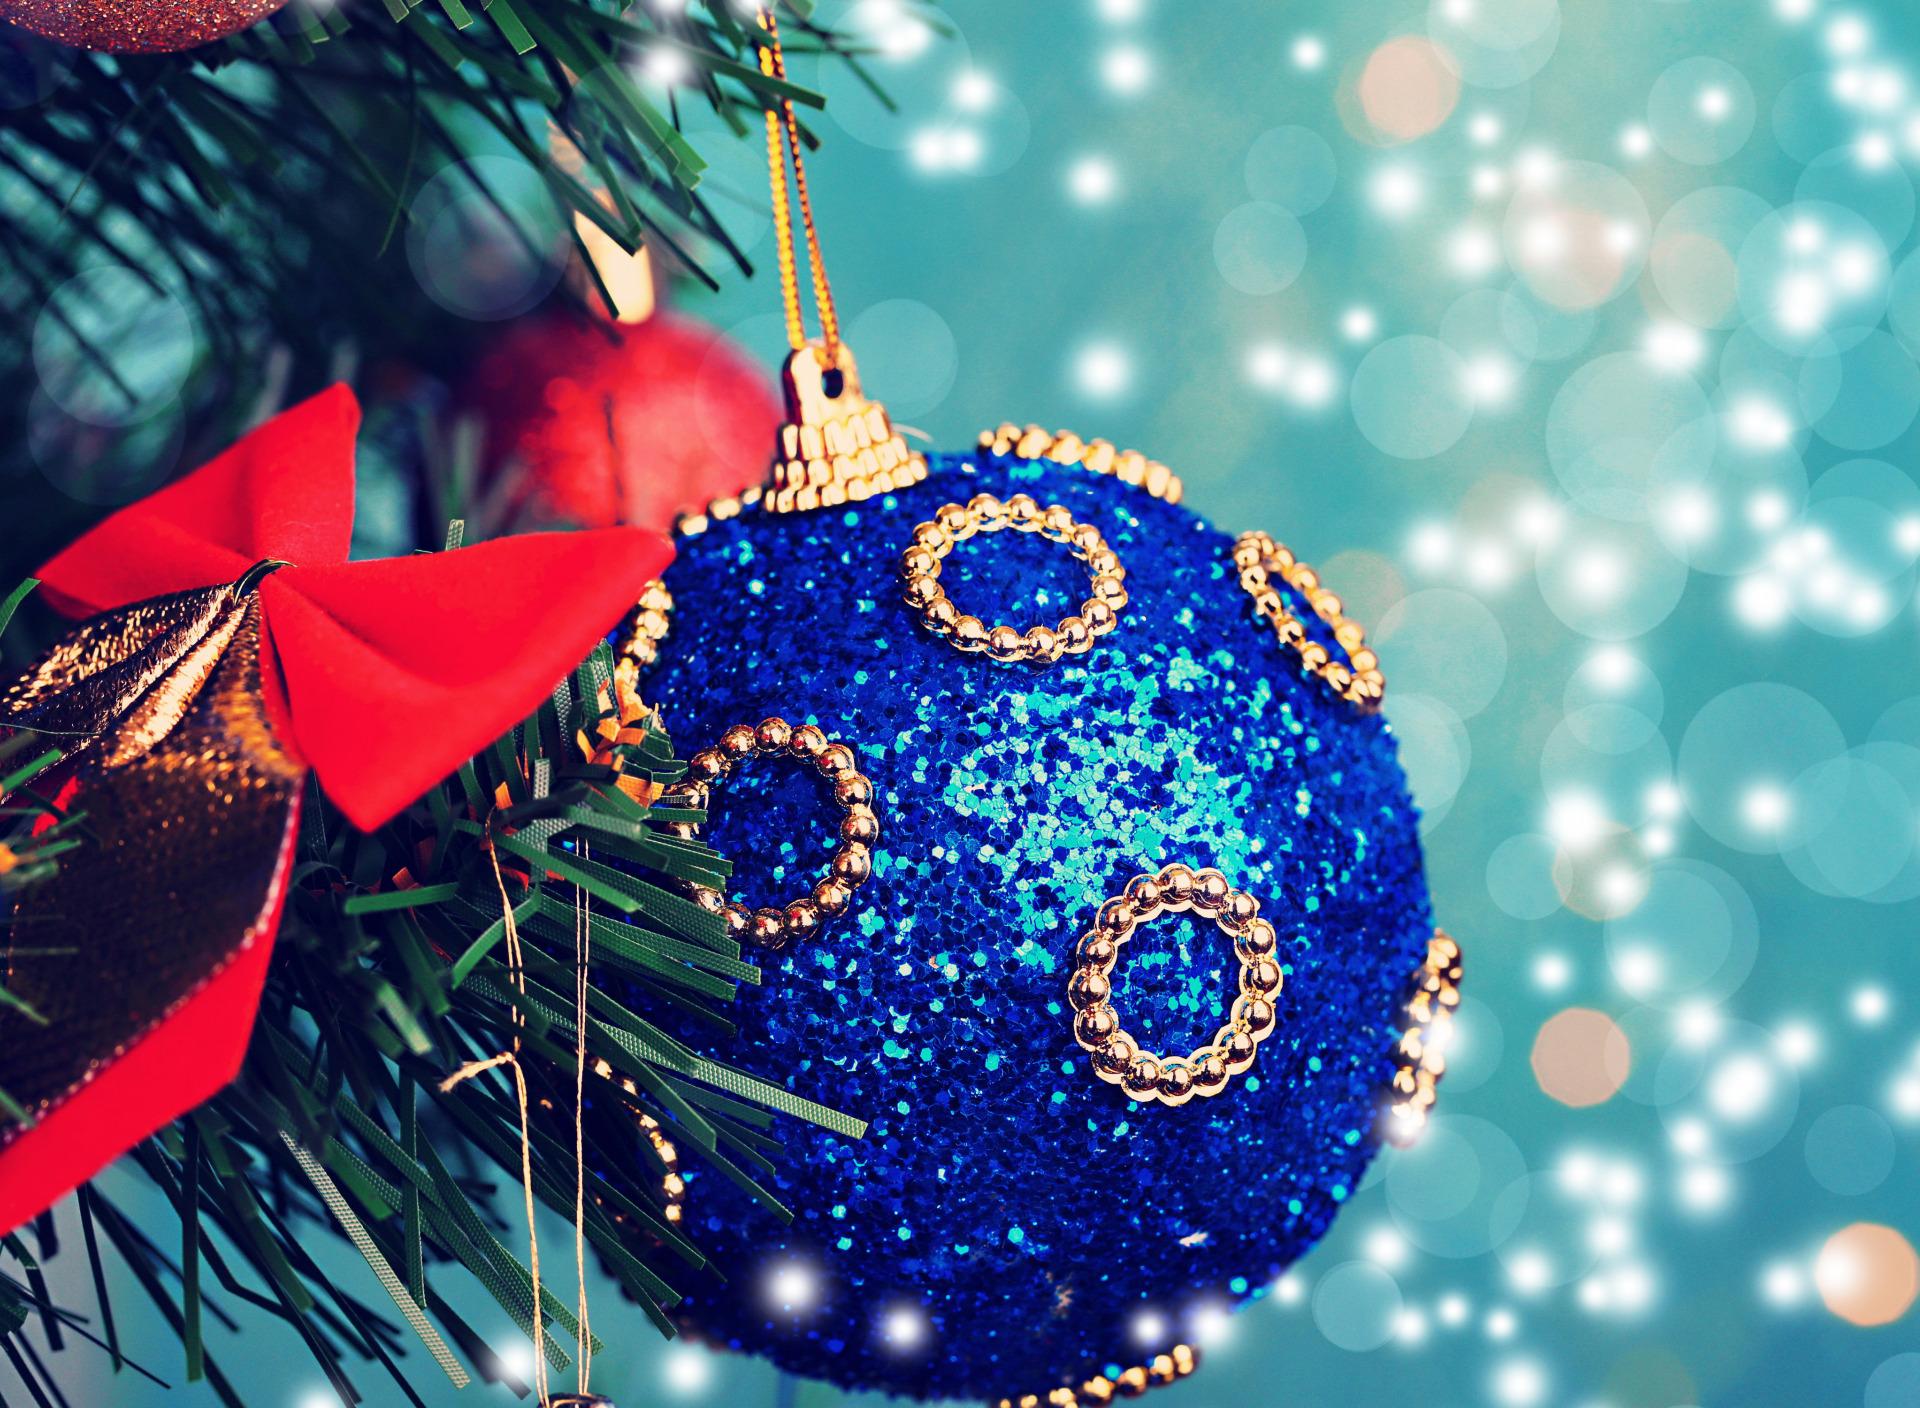 Самые красивые новогодние открытки фото